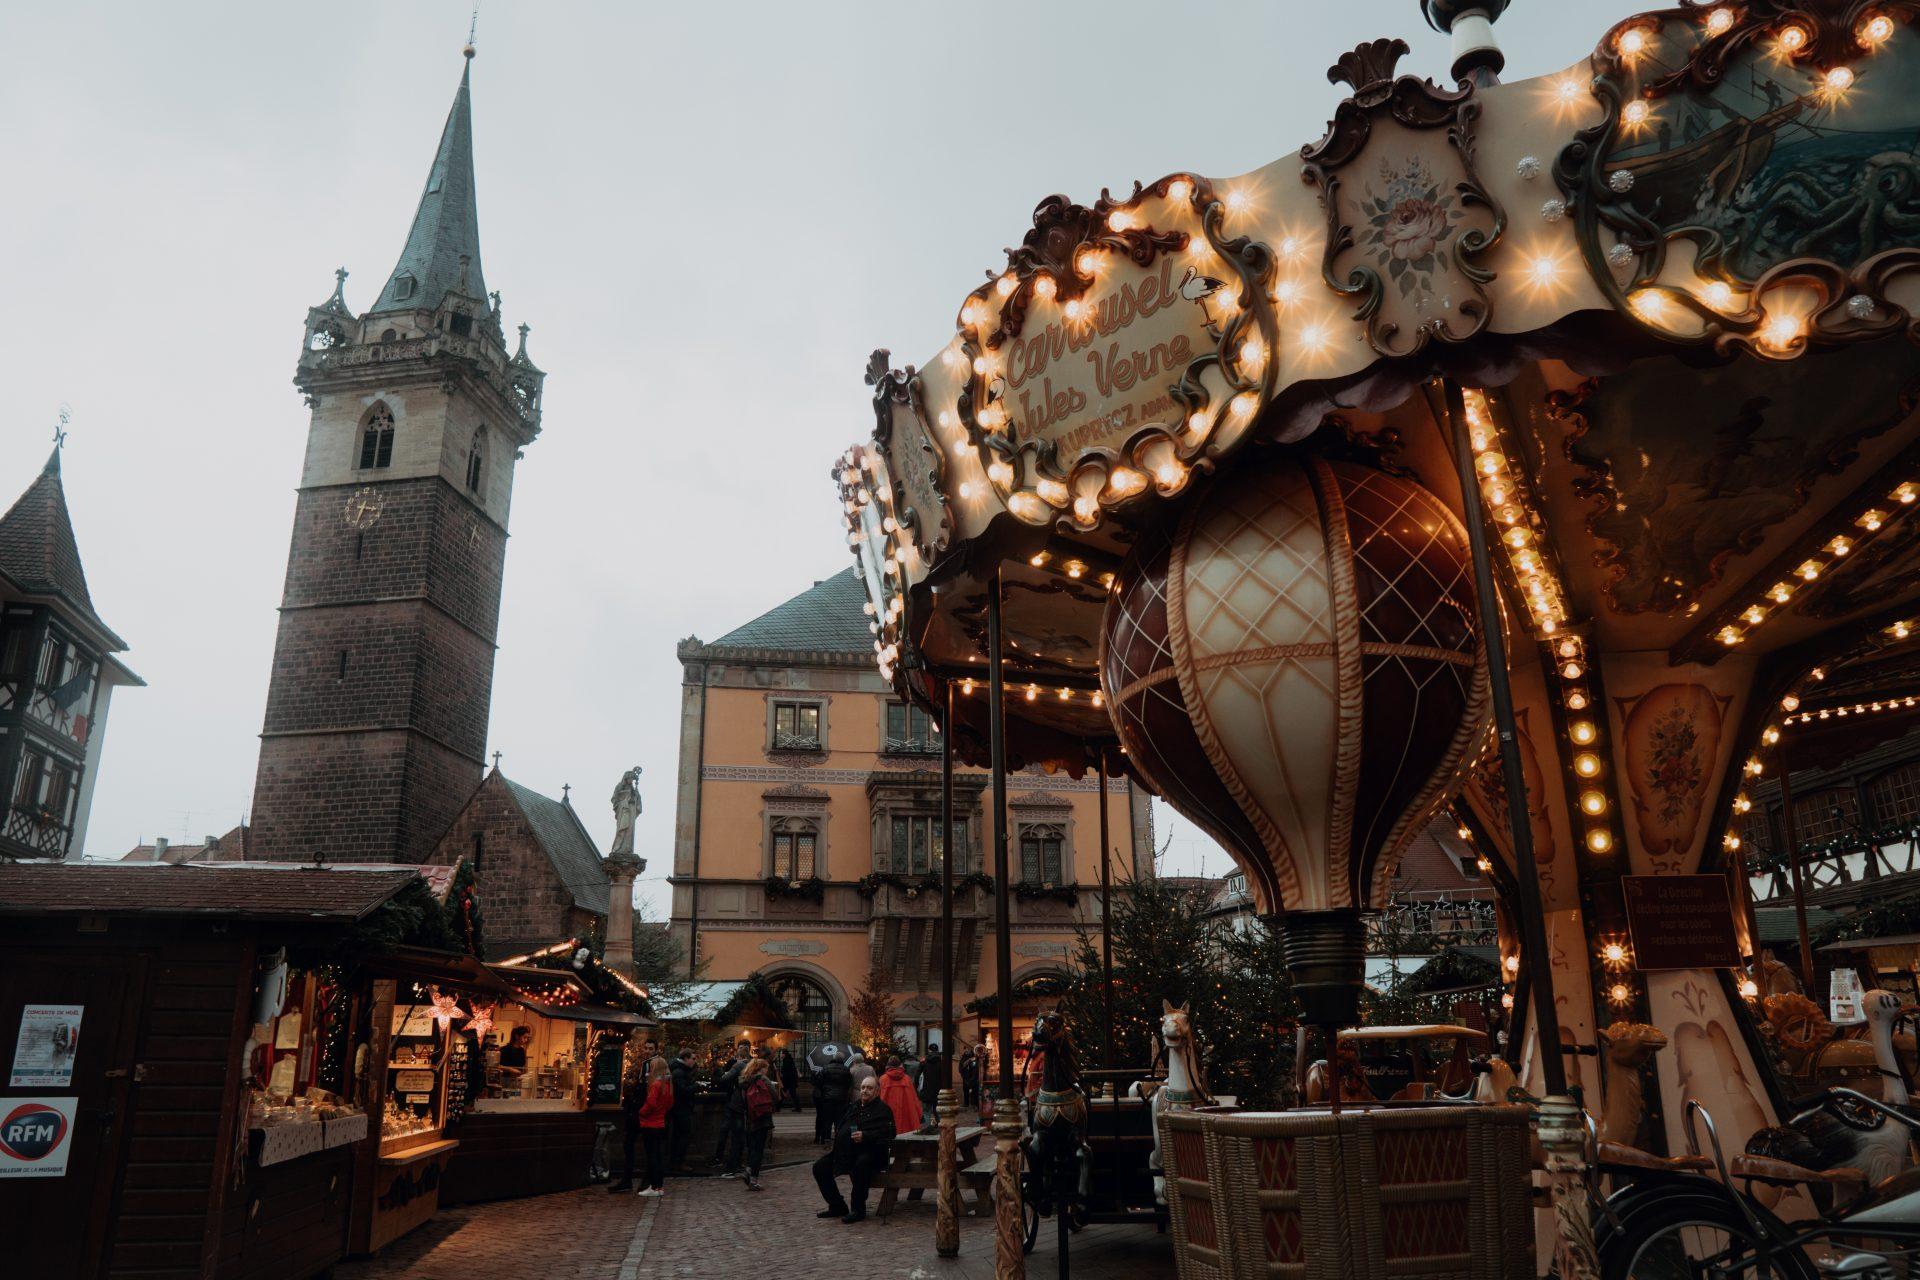 Qué hacer en Alsacia en navidad en 5 días